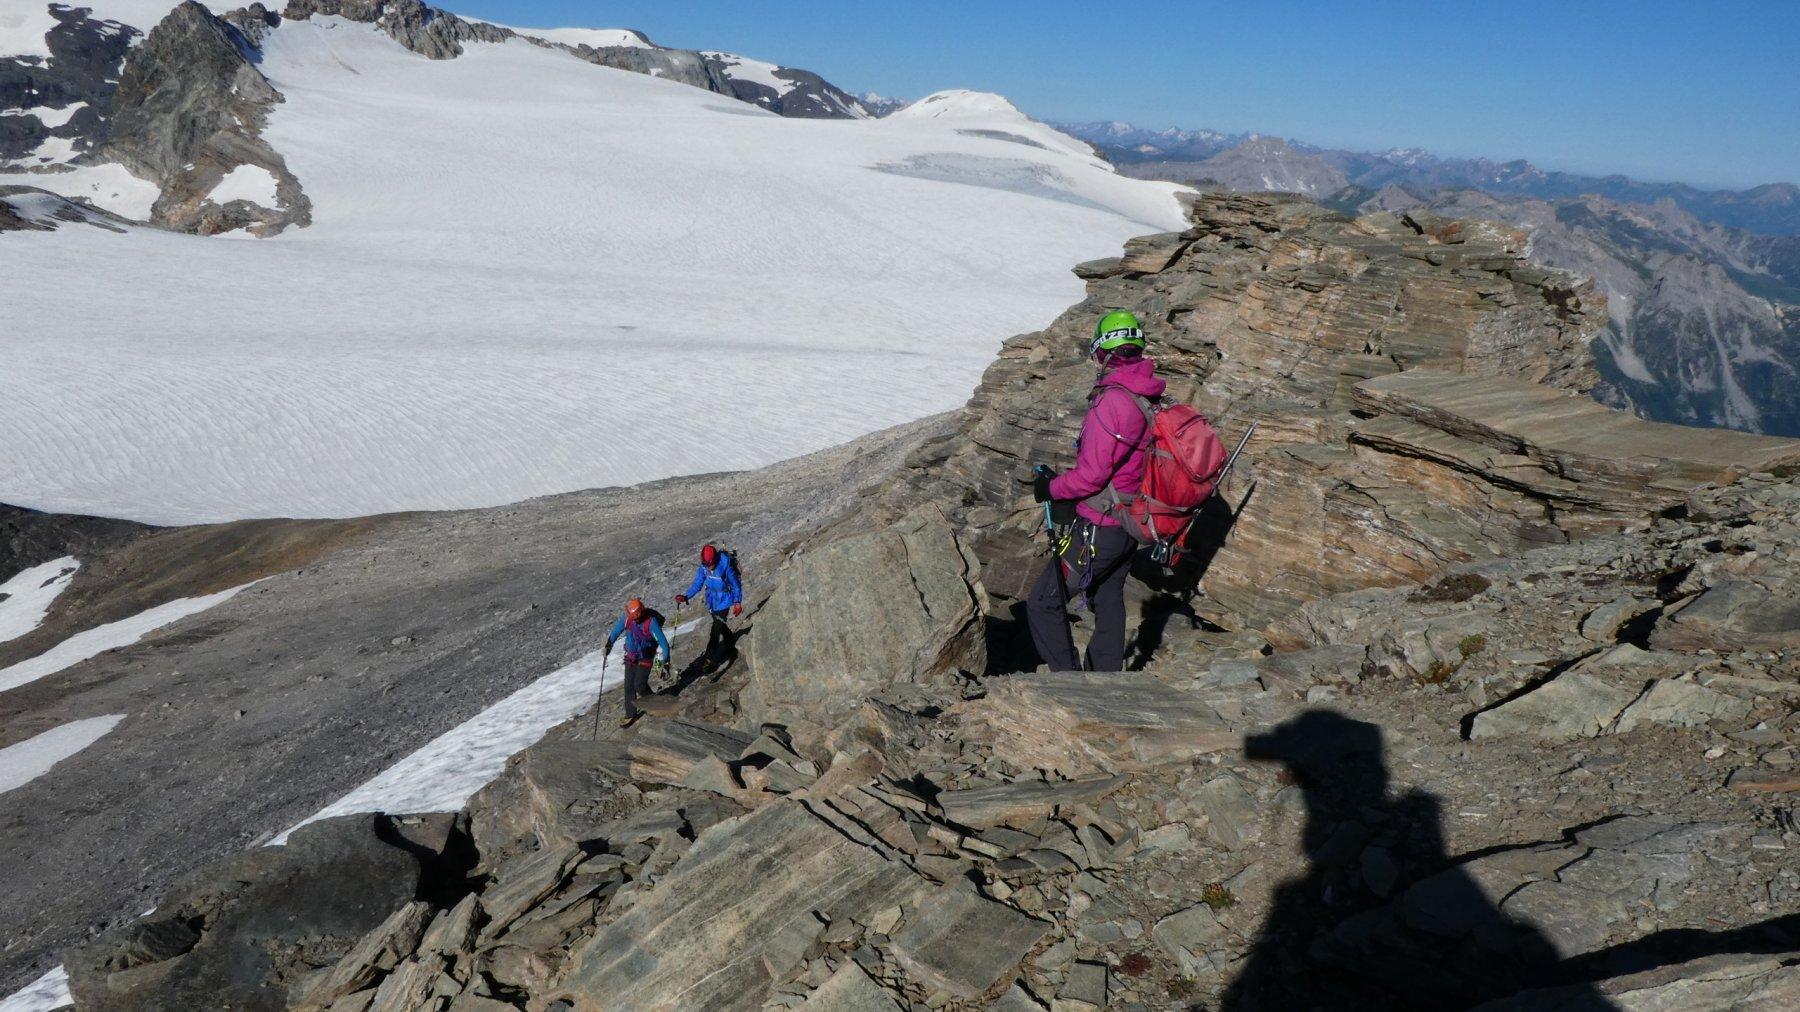 qualche piacevole e facile passaggio di arrampicata su roccette in cresta